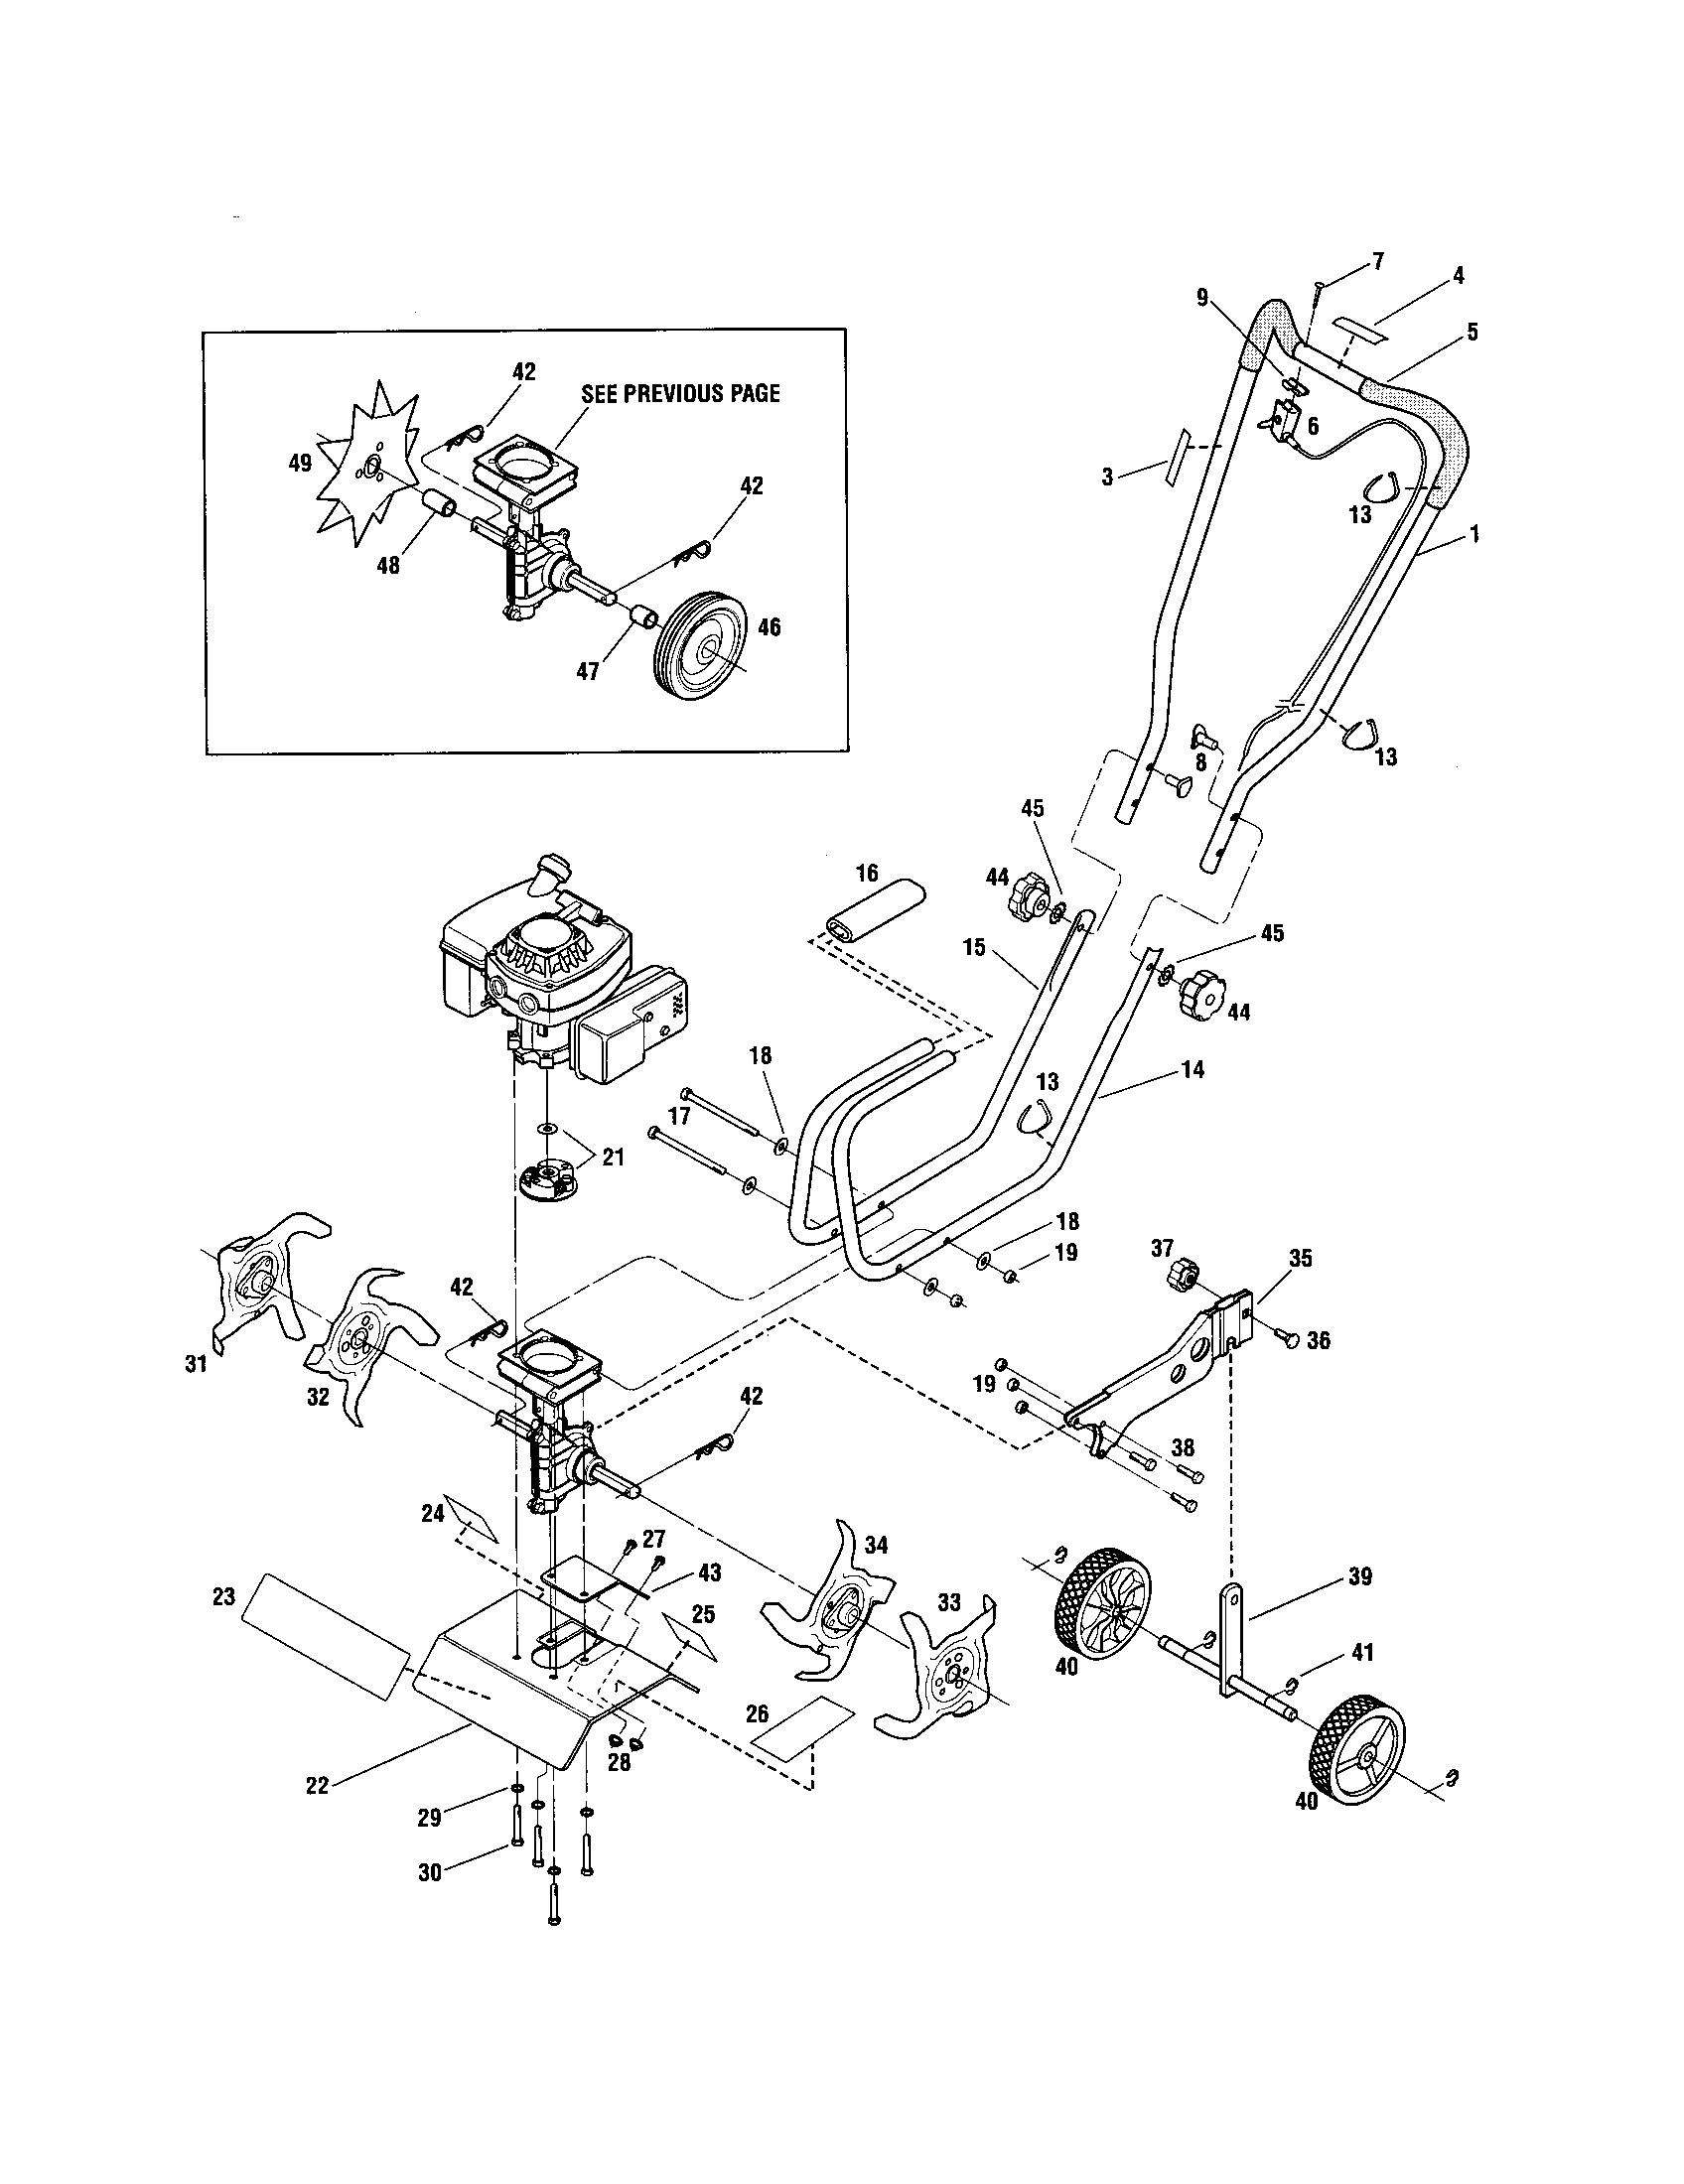 Craftsman Welder Wiring Diagram Mig Welder Wiring Diagram